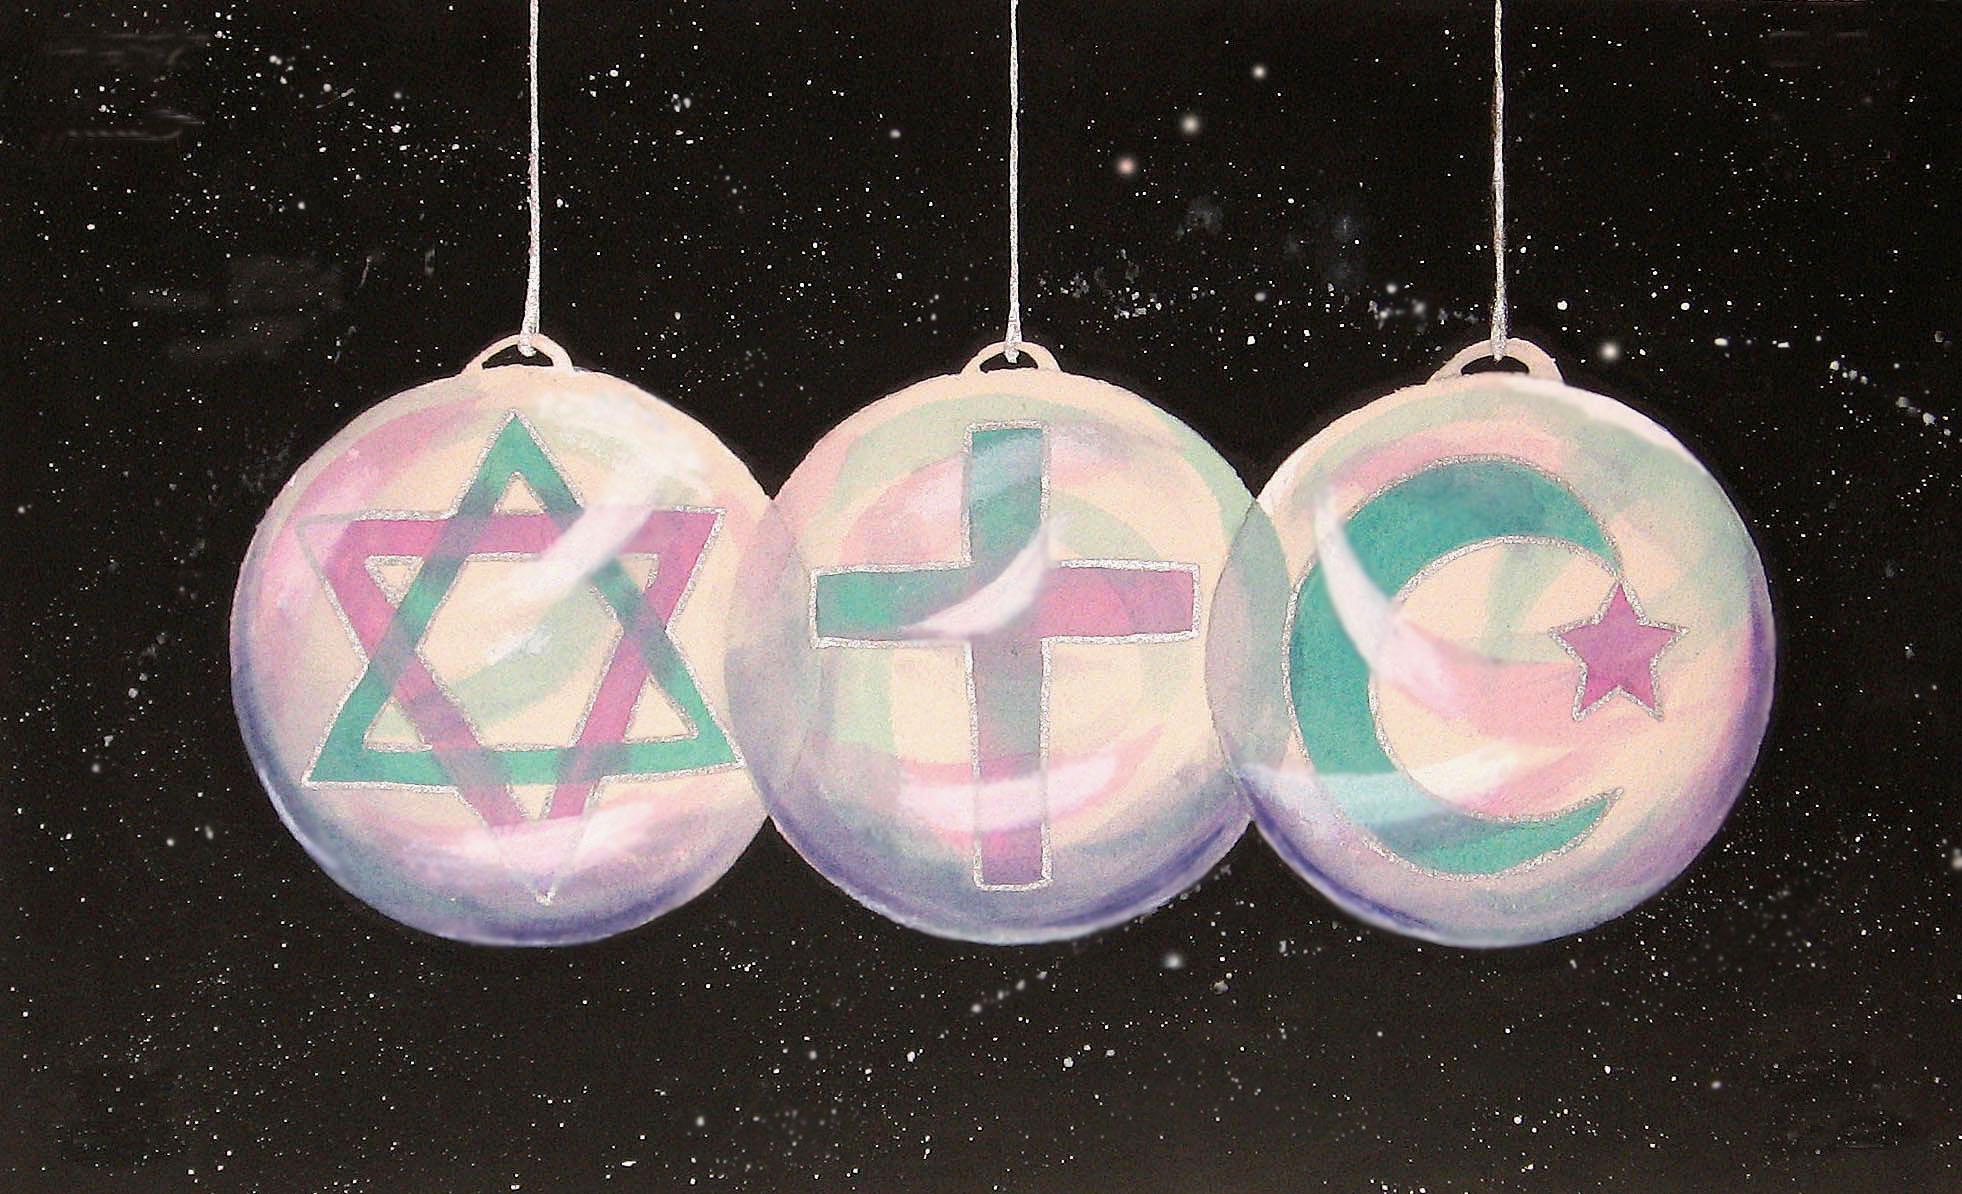 Xmas Symbols Card 2011a no equals